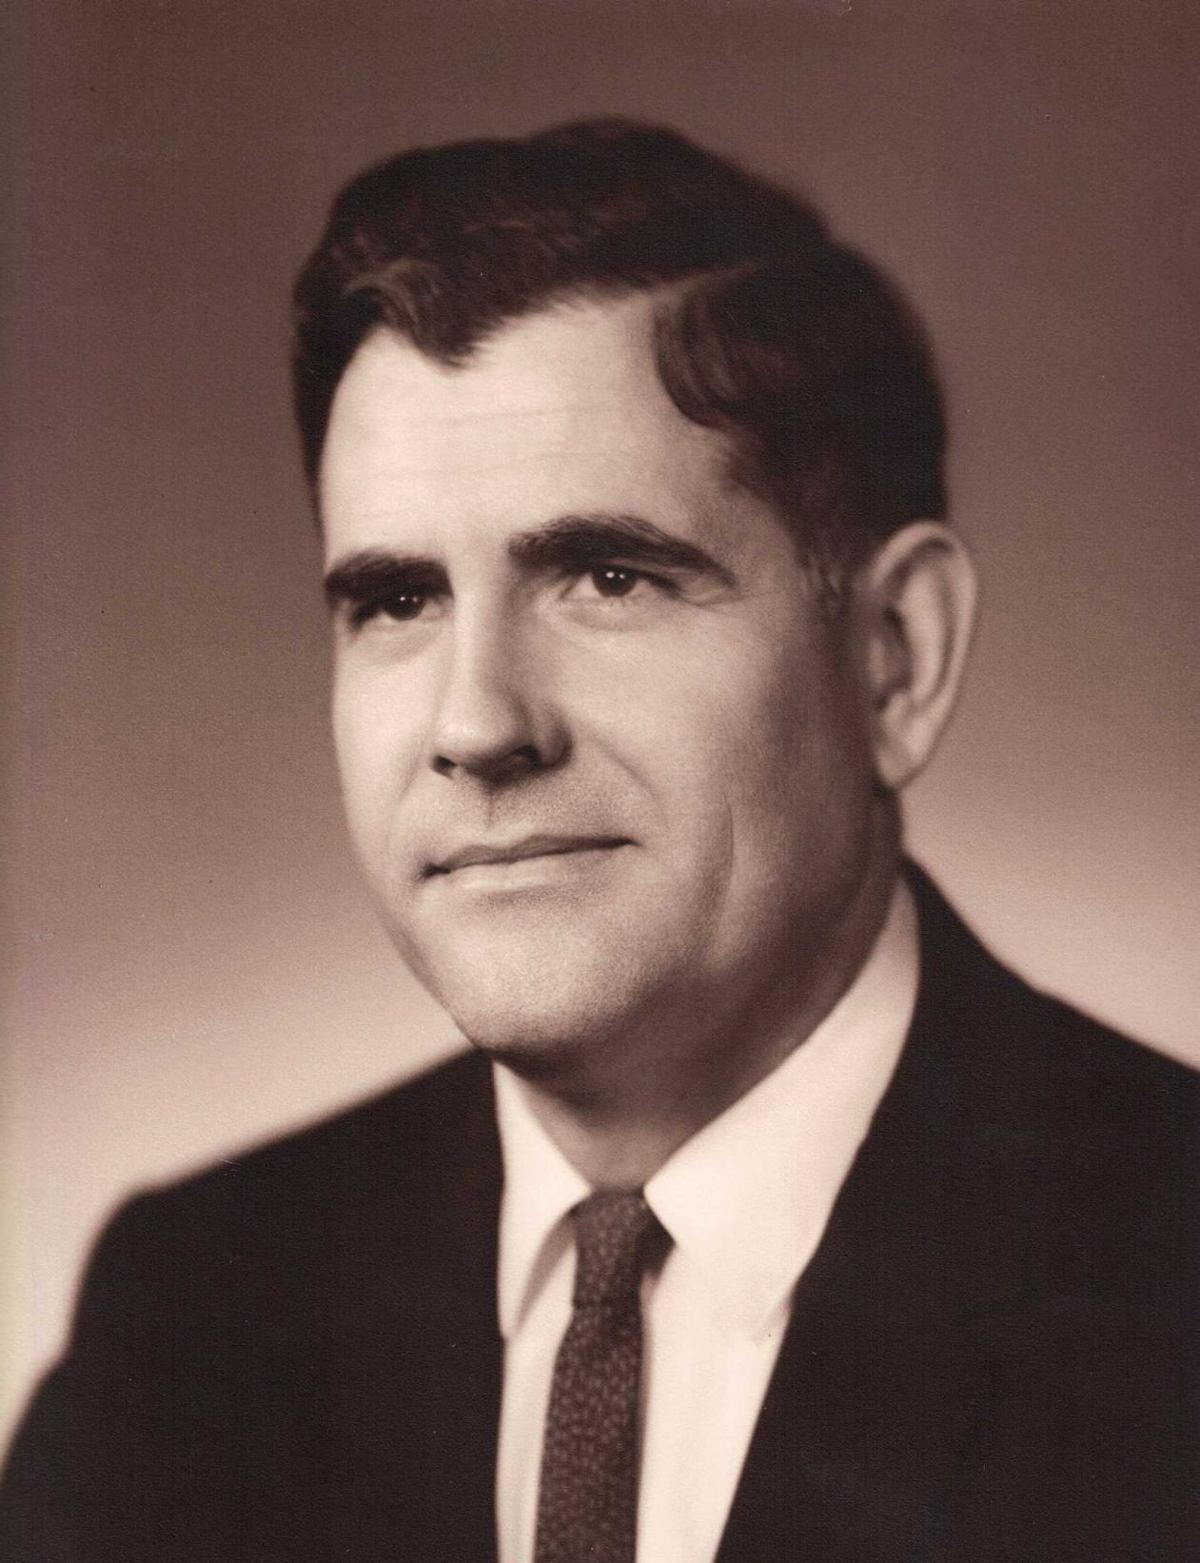 Jack Kenneth Allen